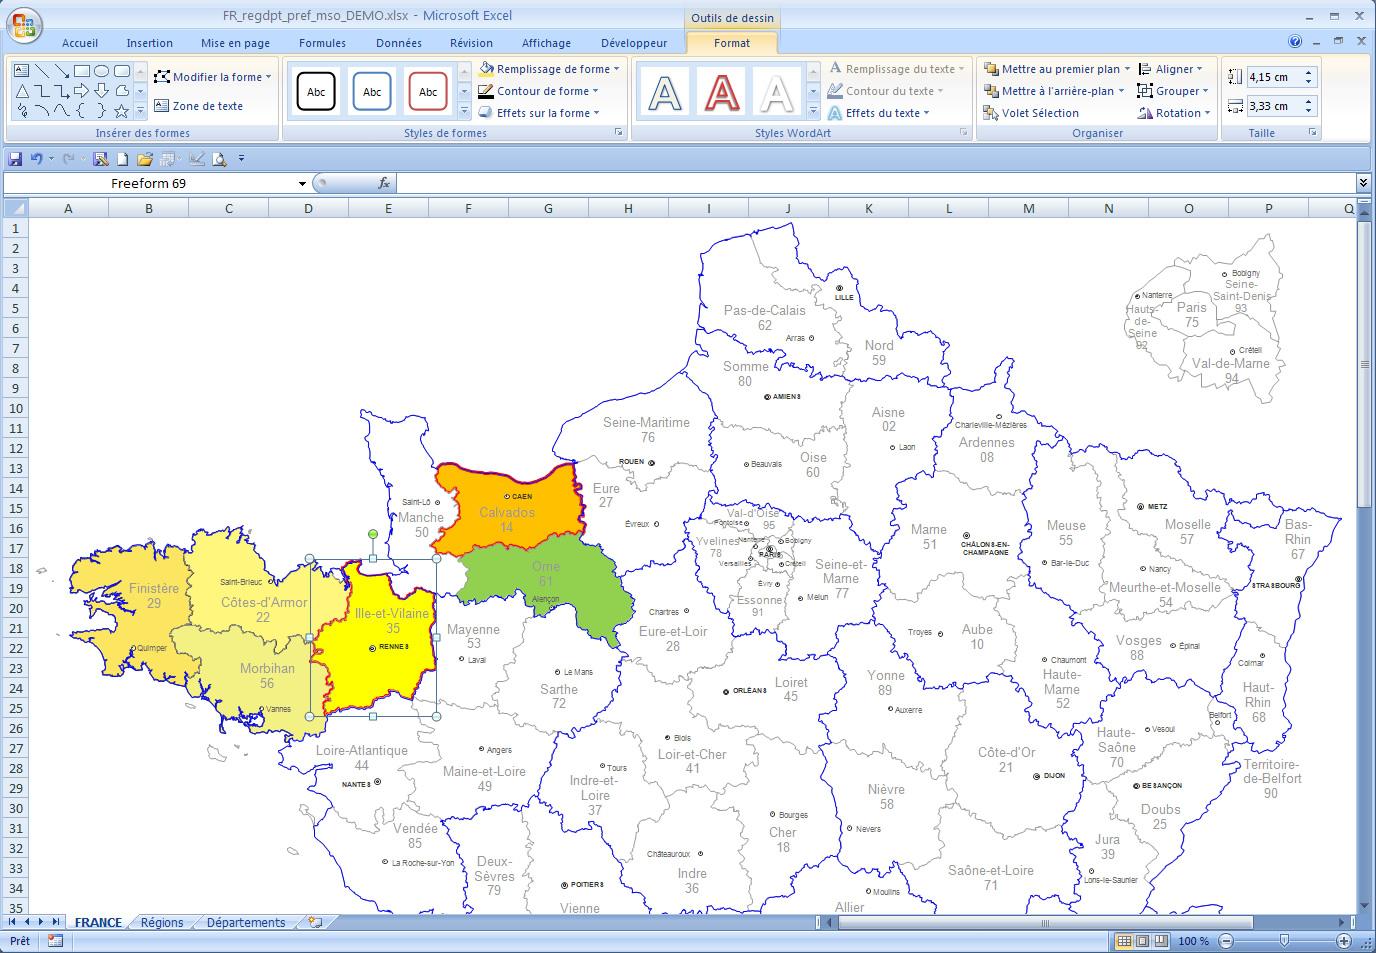 Départements De France Pour Word Et Excel Modifiable concernant Departement Francais 39